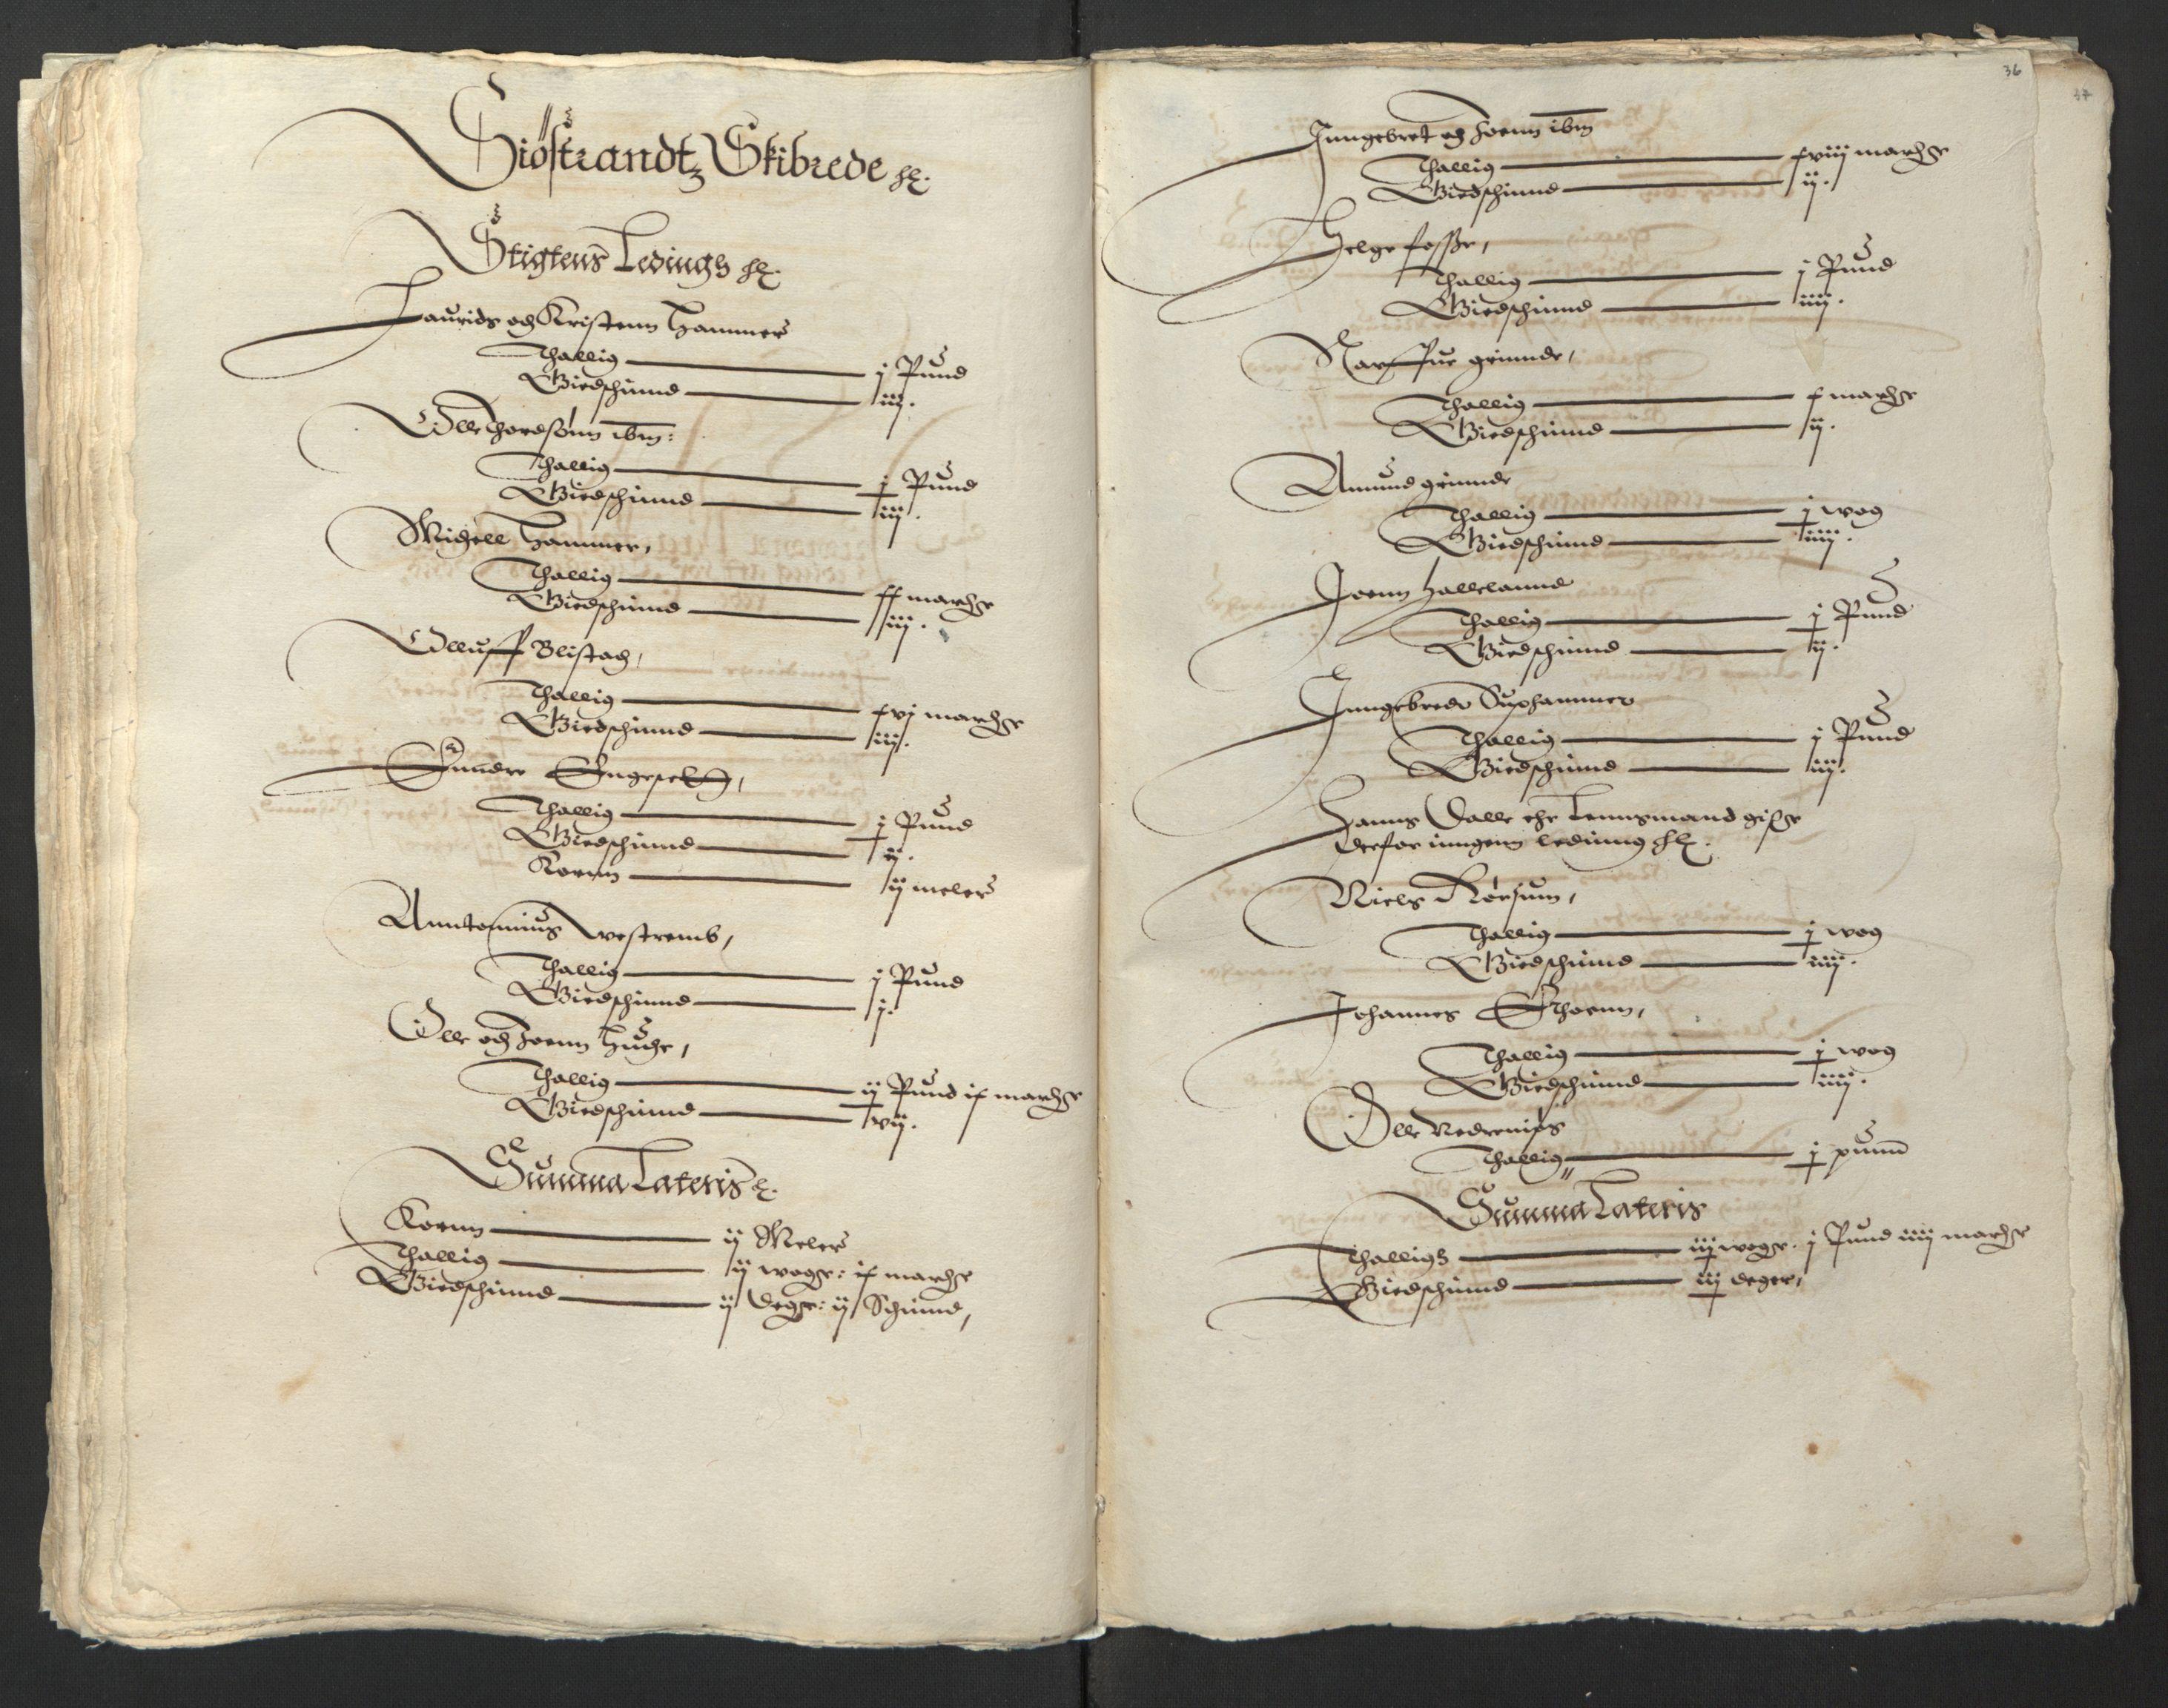 RA, Stattholderembetet 1572-1771, Ek/L0003: Jordebøker til utlikning av garnisonsskatt 1624-1626:, 1624-1625, s. 152